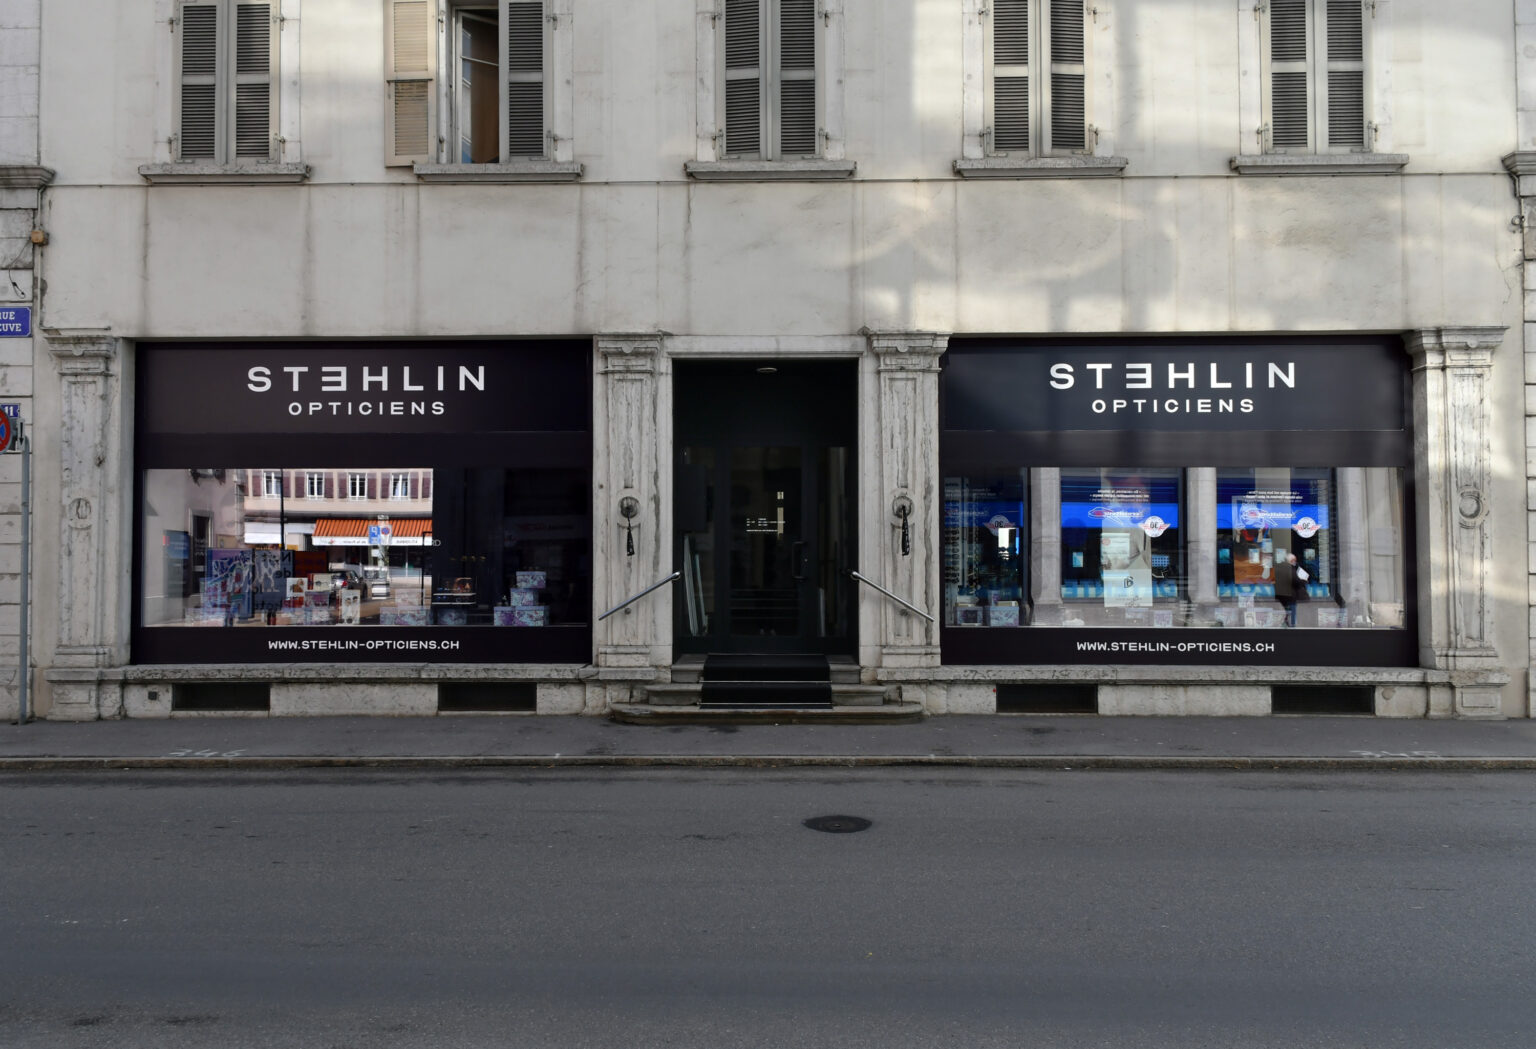 SUPERO_STEHLIN_VITRINE_D50_4200